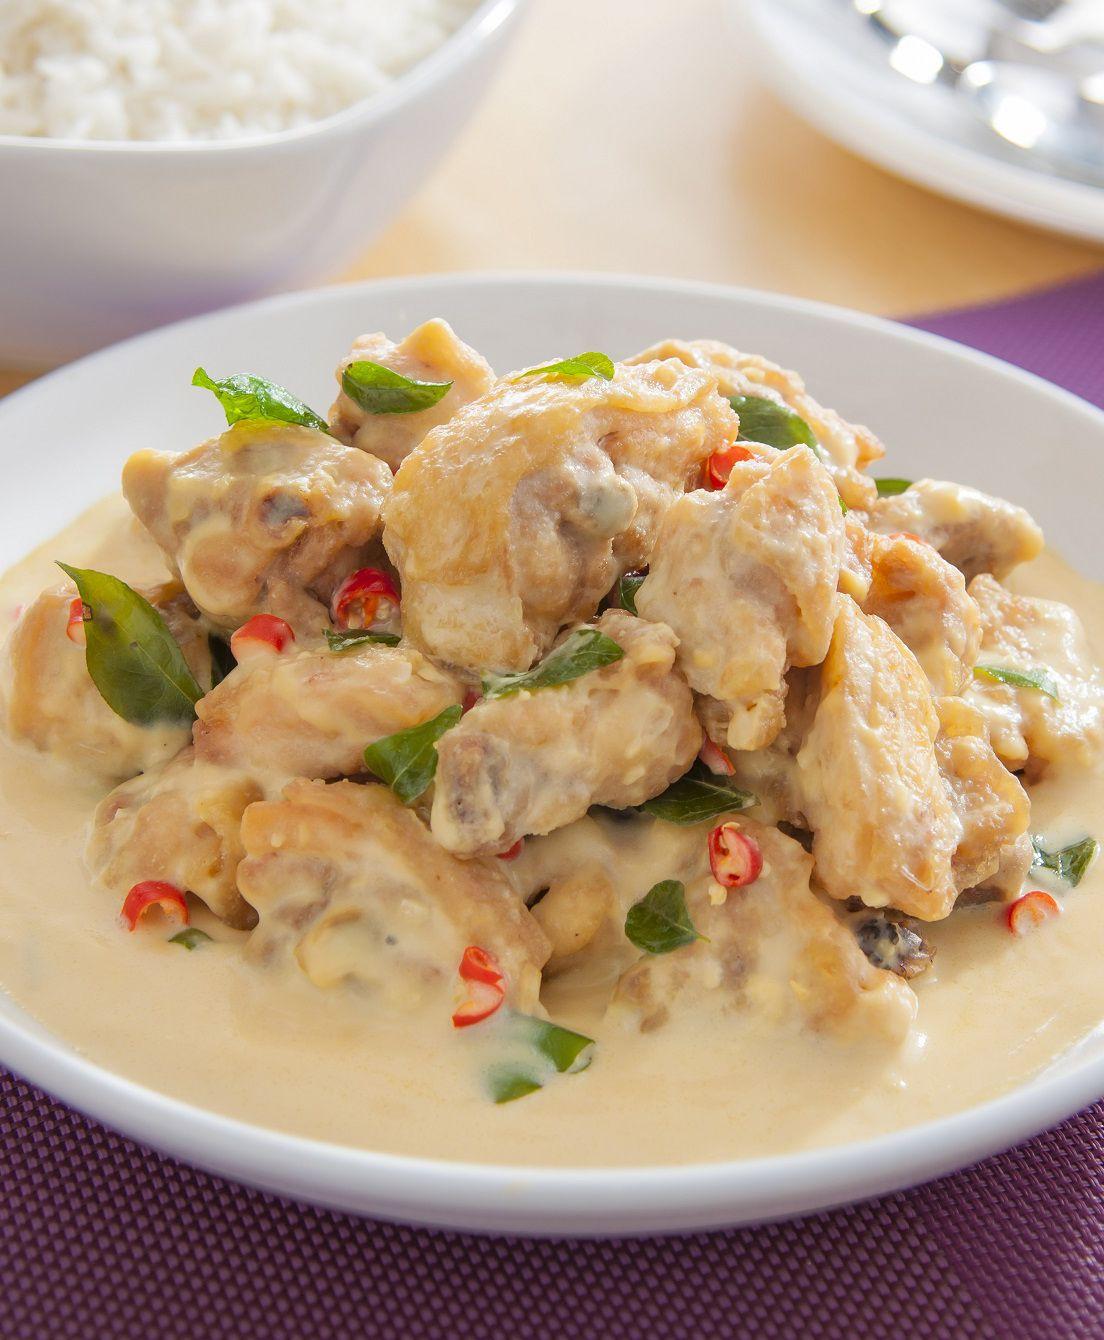 Creamy Butter Chicken Ajinomoto Malaysiaajinomoto Malaysia Butter Chicken Recipe Butter Chicken Chicken Recipes